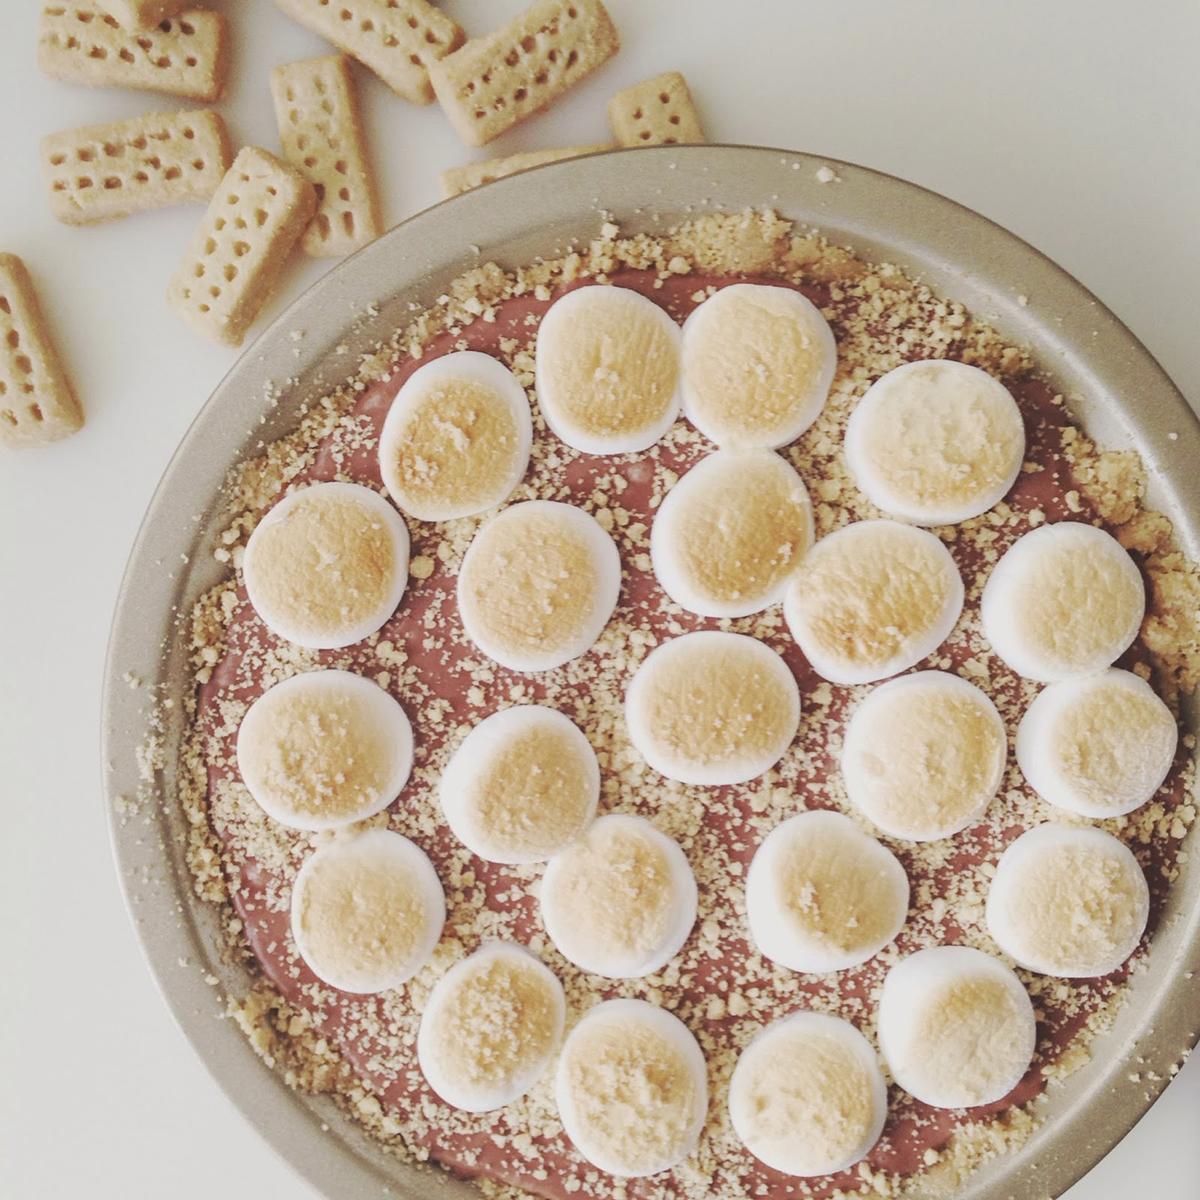 Toasted Marshmallow Nutella Pie